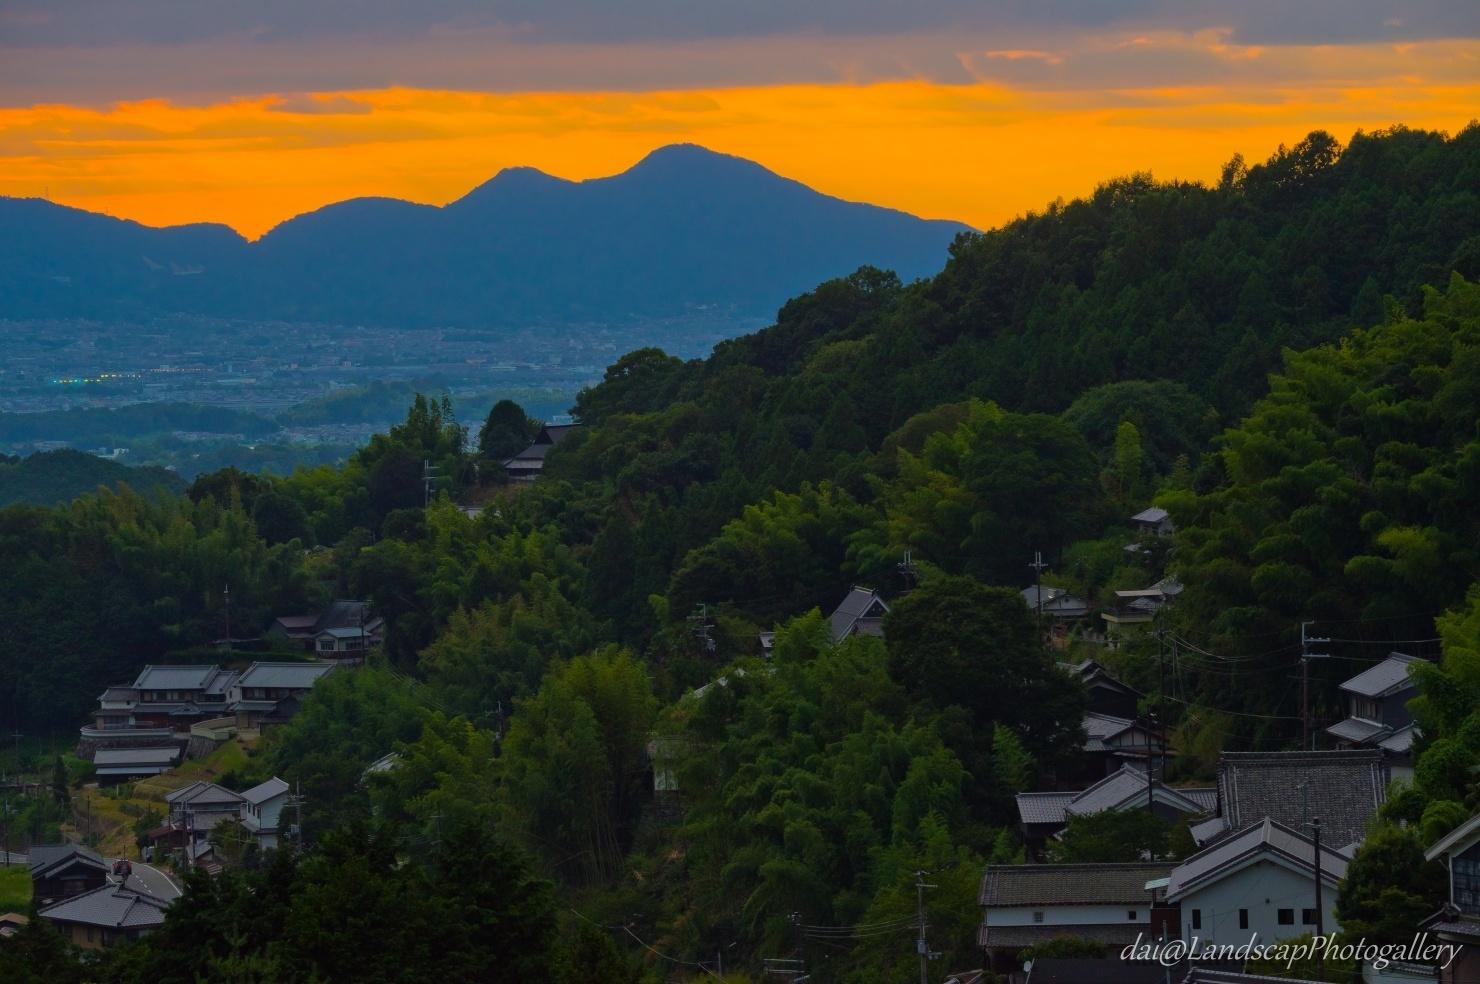 明日香村 山間の集落